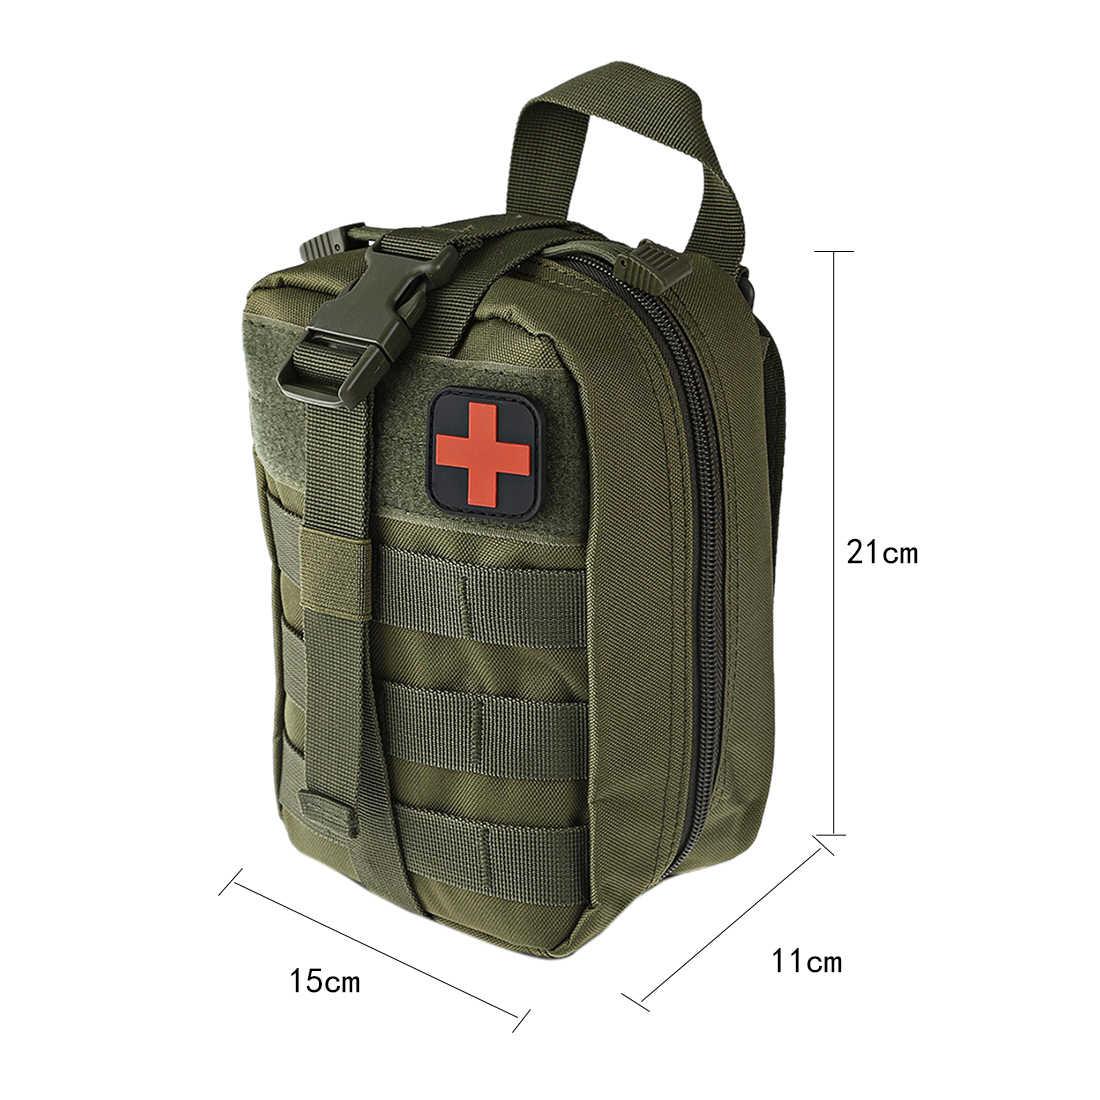 2019 ניילון צבאי טקטי MOLLE Battlefield רפואי תיק הצלה חבילה עבור חיצוני ציד אפוד מותניים פאוץ-זית חדגונית